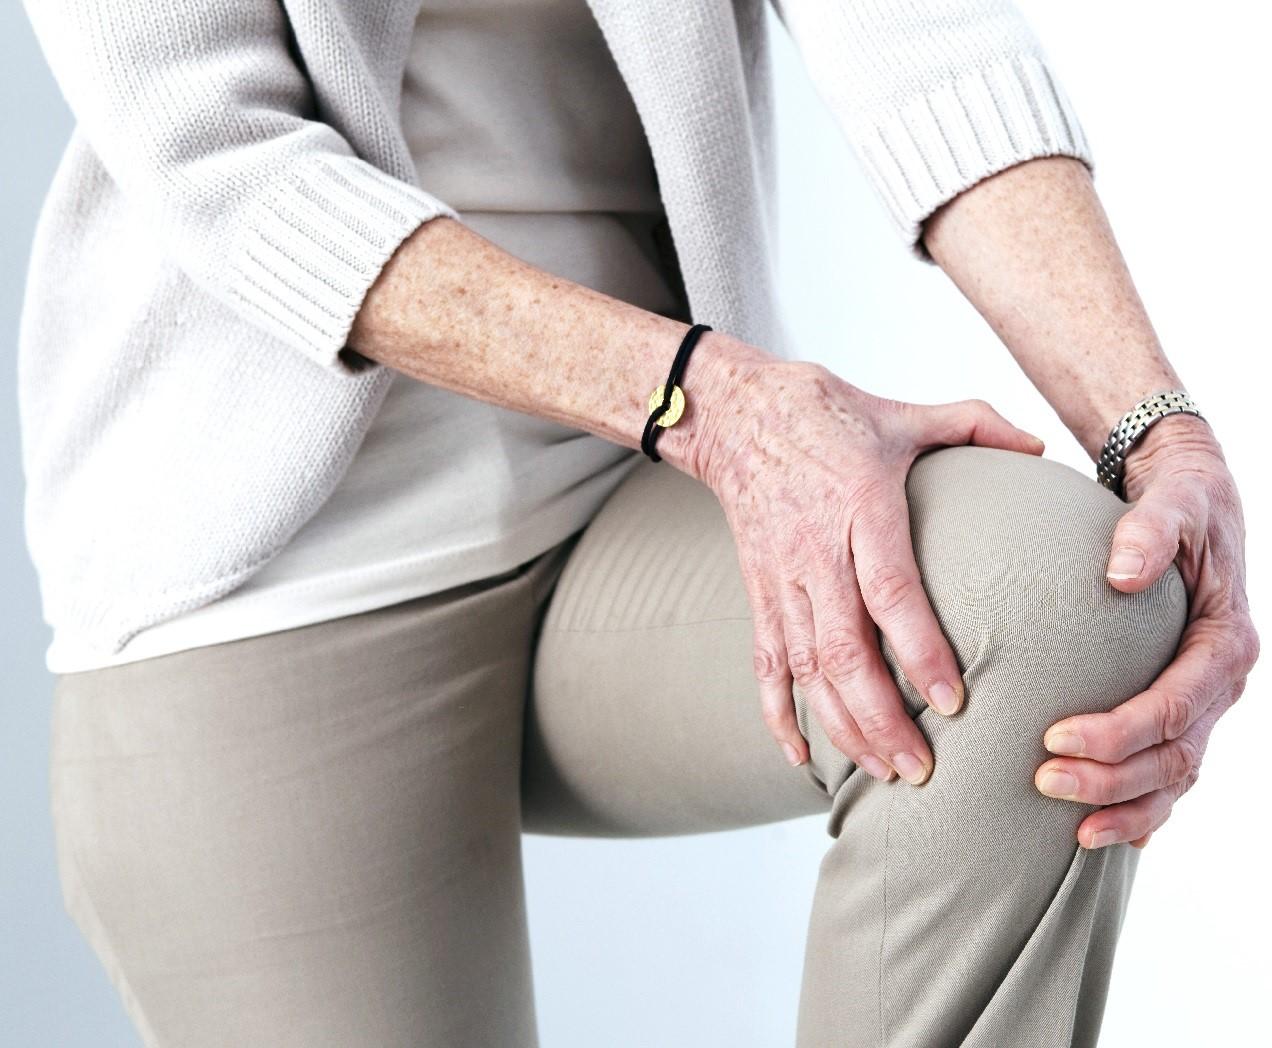 برای درد زانو منوال تراپی توصیه می شود یا ماساژ درمانی؟